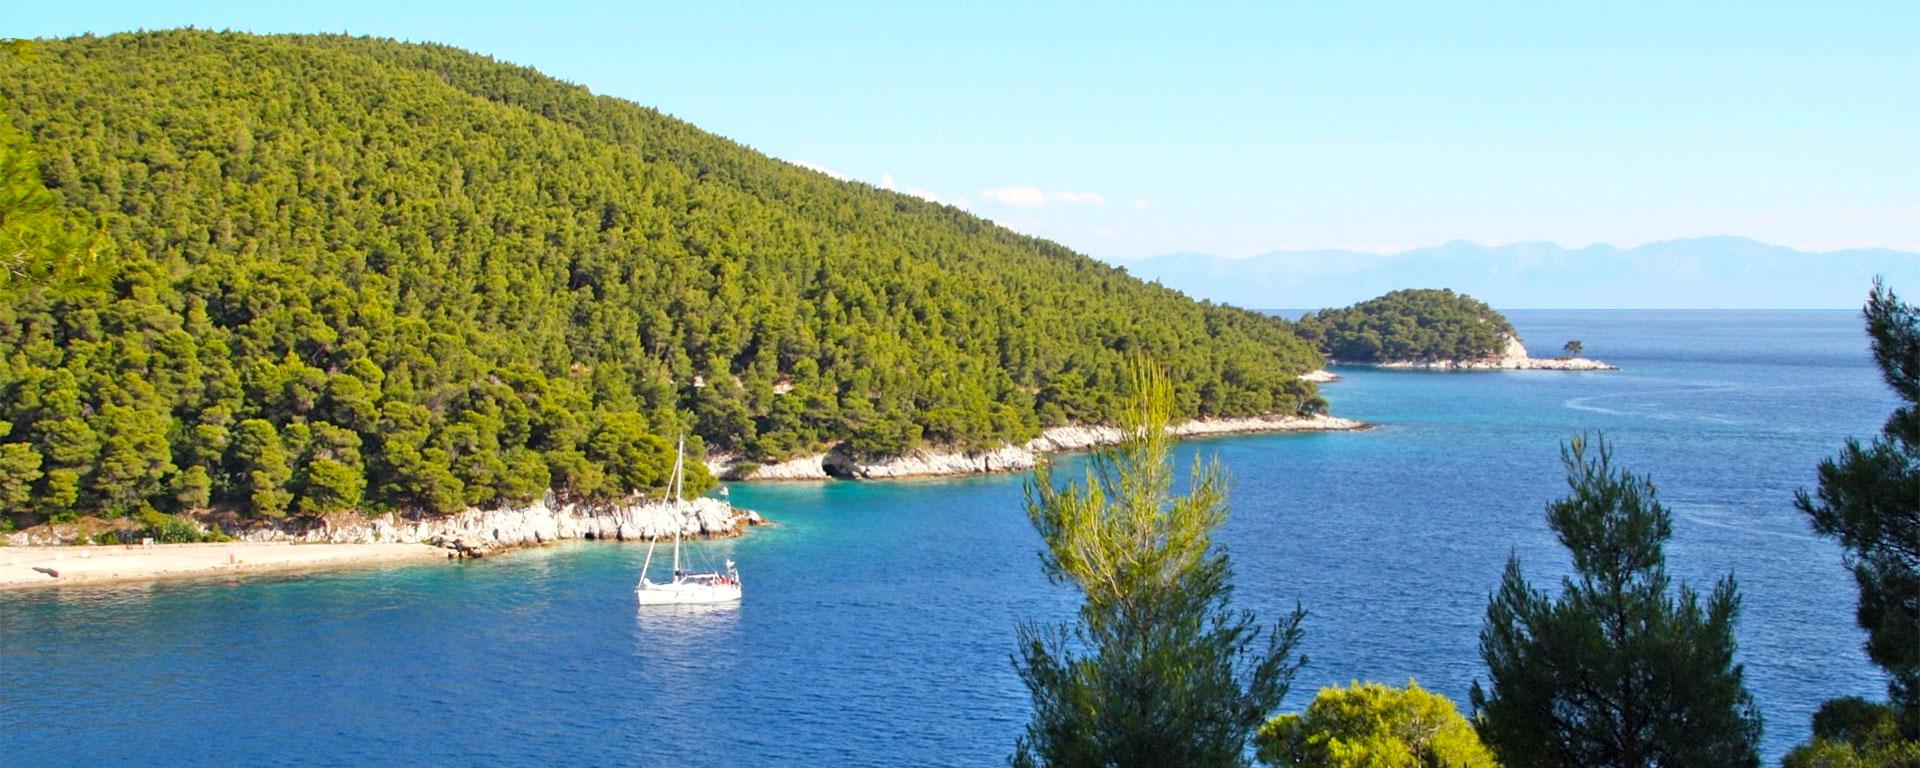 Agnontas Bay